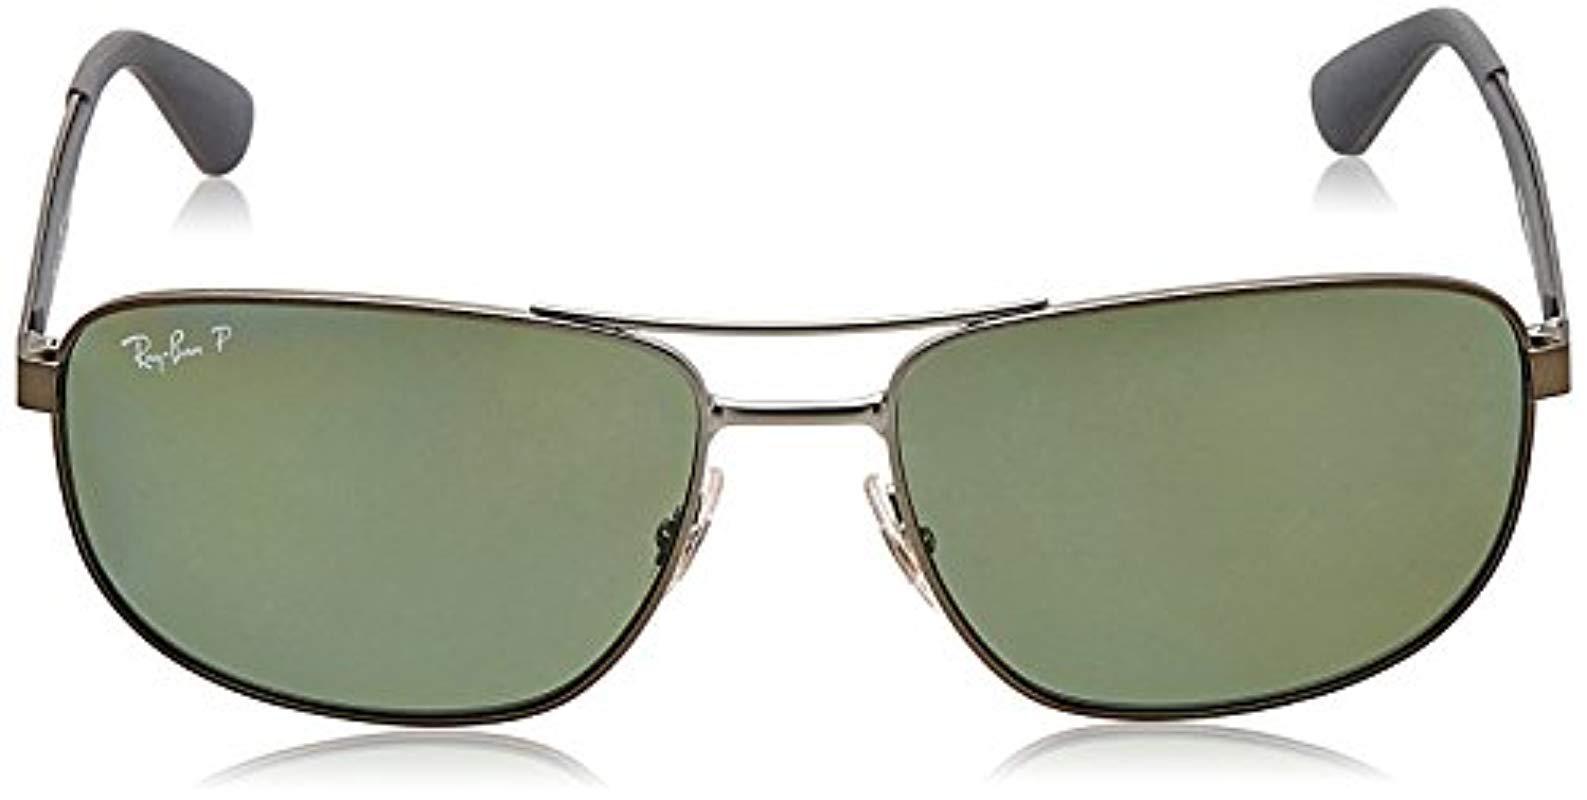 e24a7f765f Ray-Ban - Multicolor Metal Sunglasses In Matte Black Polarised Rb3528 006 82  61. View fullscreen